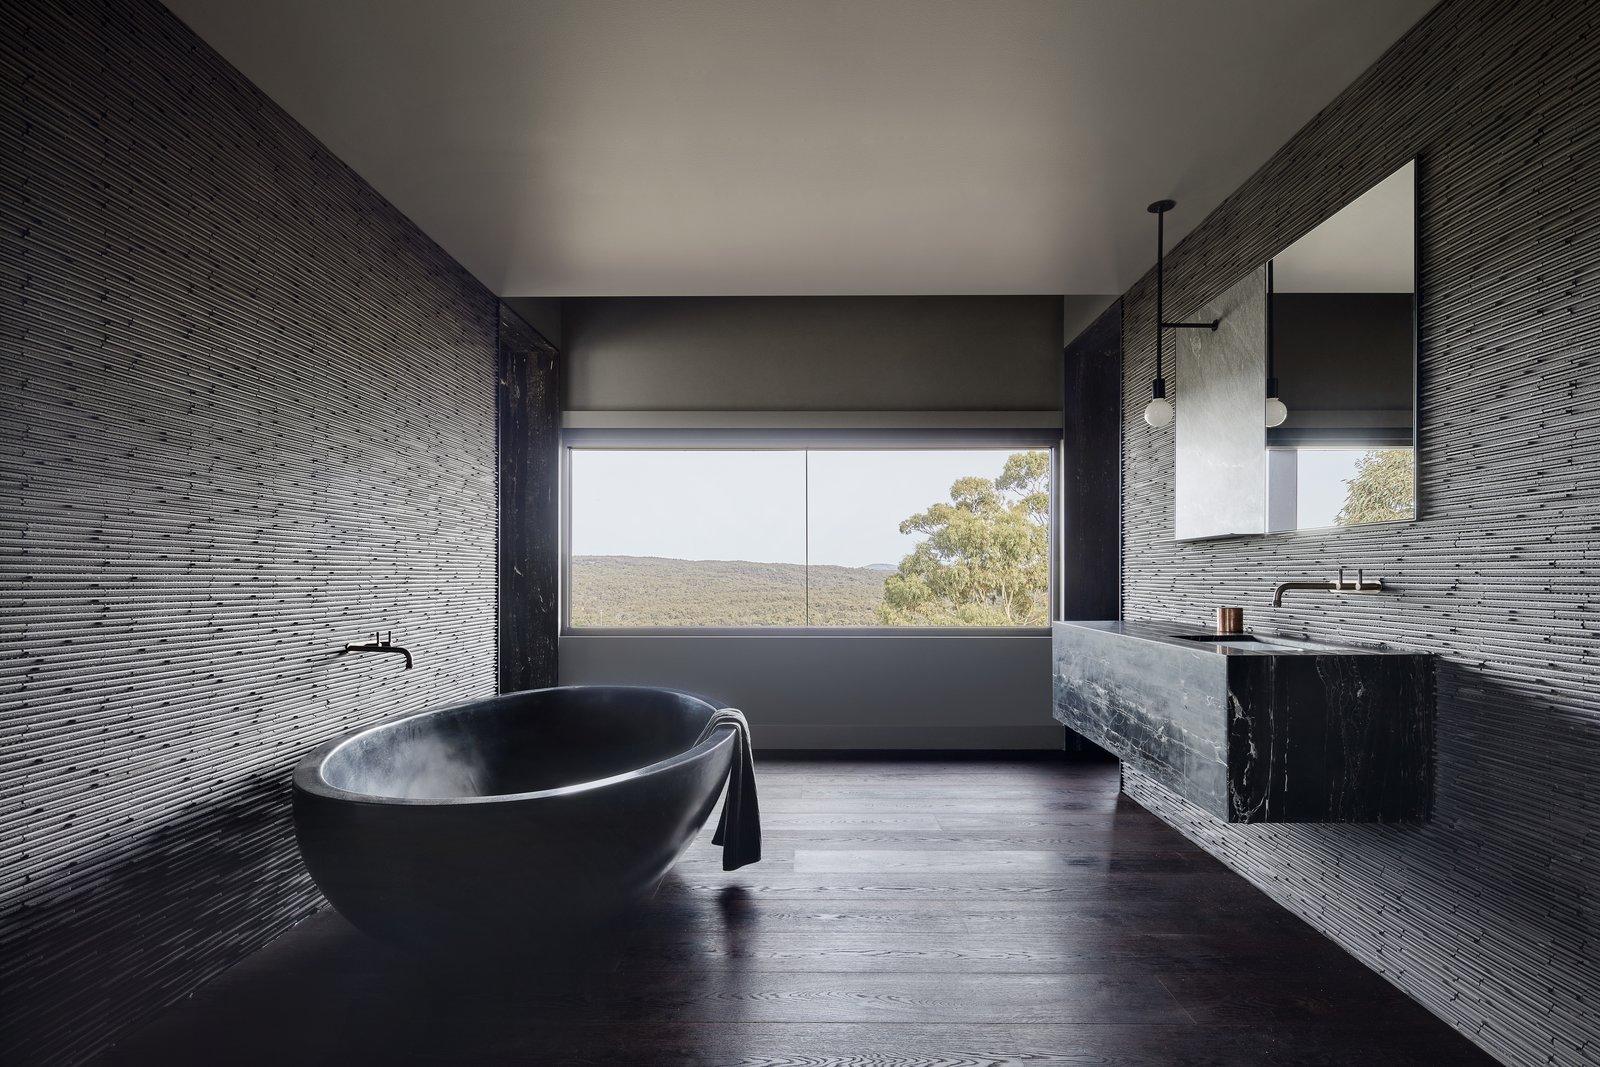 Oikos black soaking tub